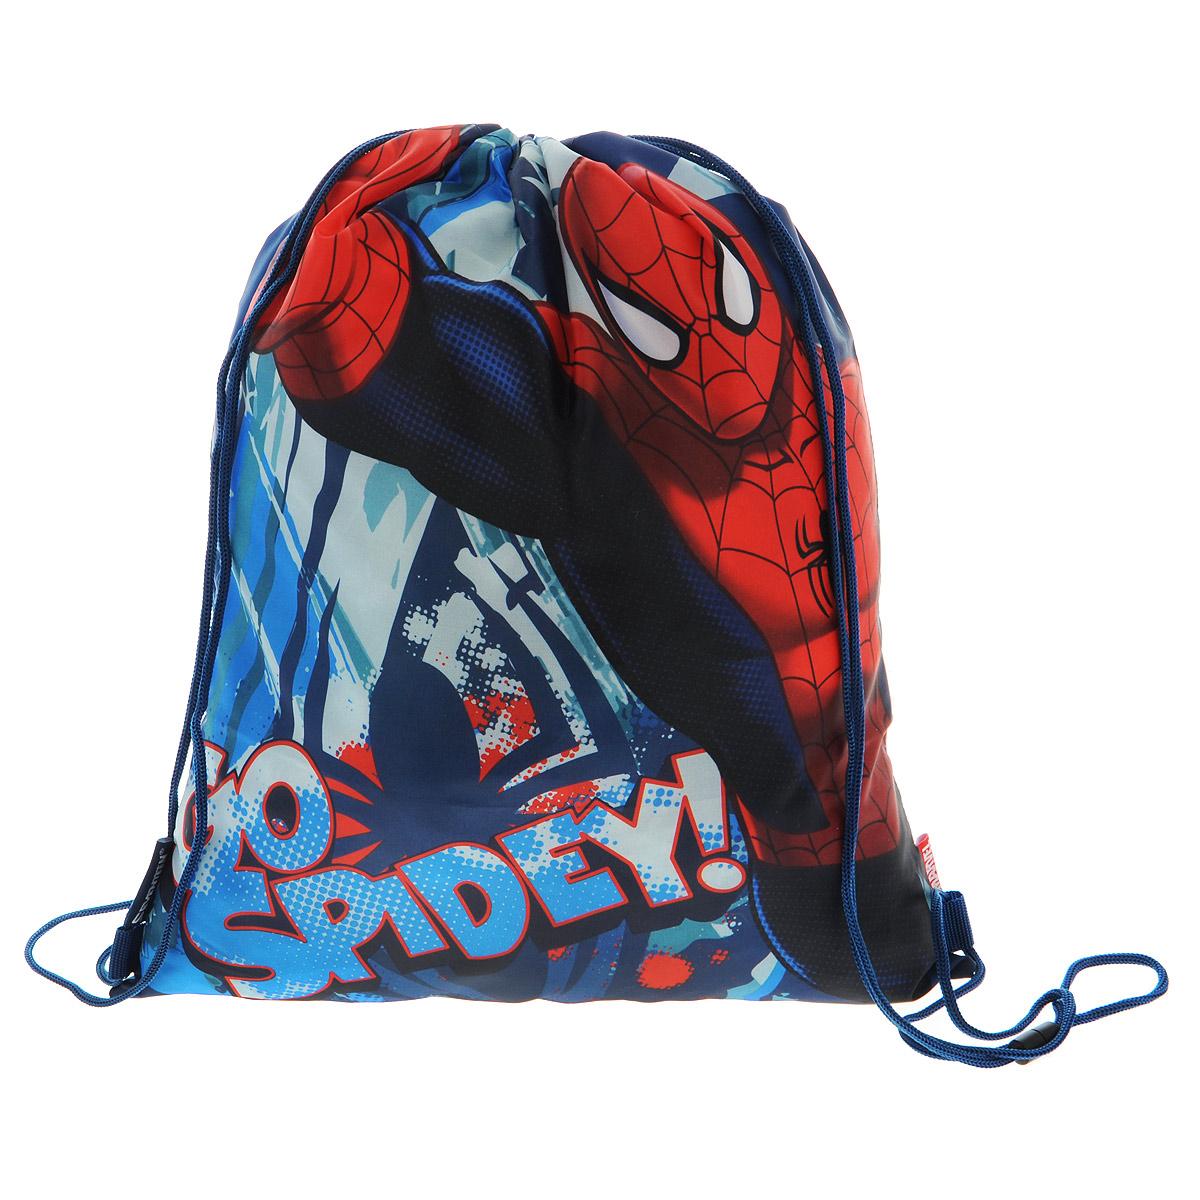 Spider-Man Сумка для сменной обуви Spider-man Classic цвет синий красный ранцы spider man classic ранец трансформер профилактический с eva спинкой spider man classic